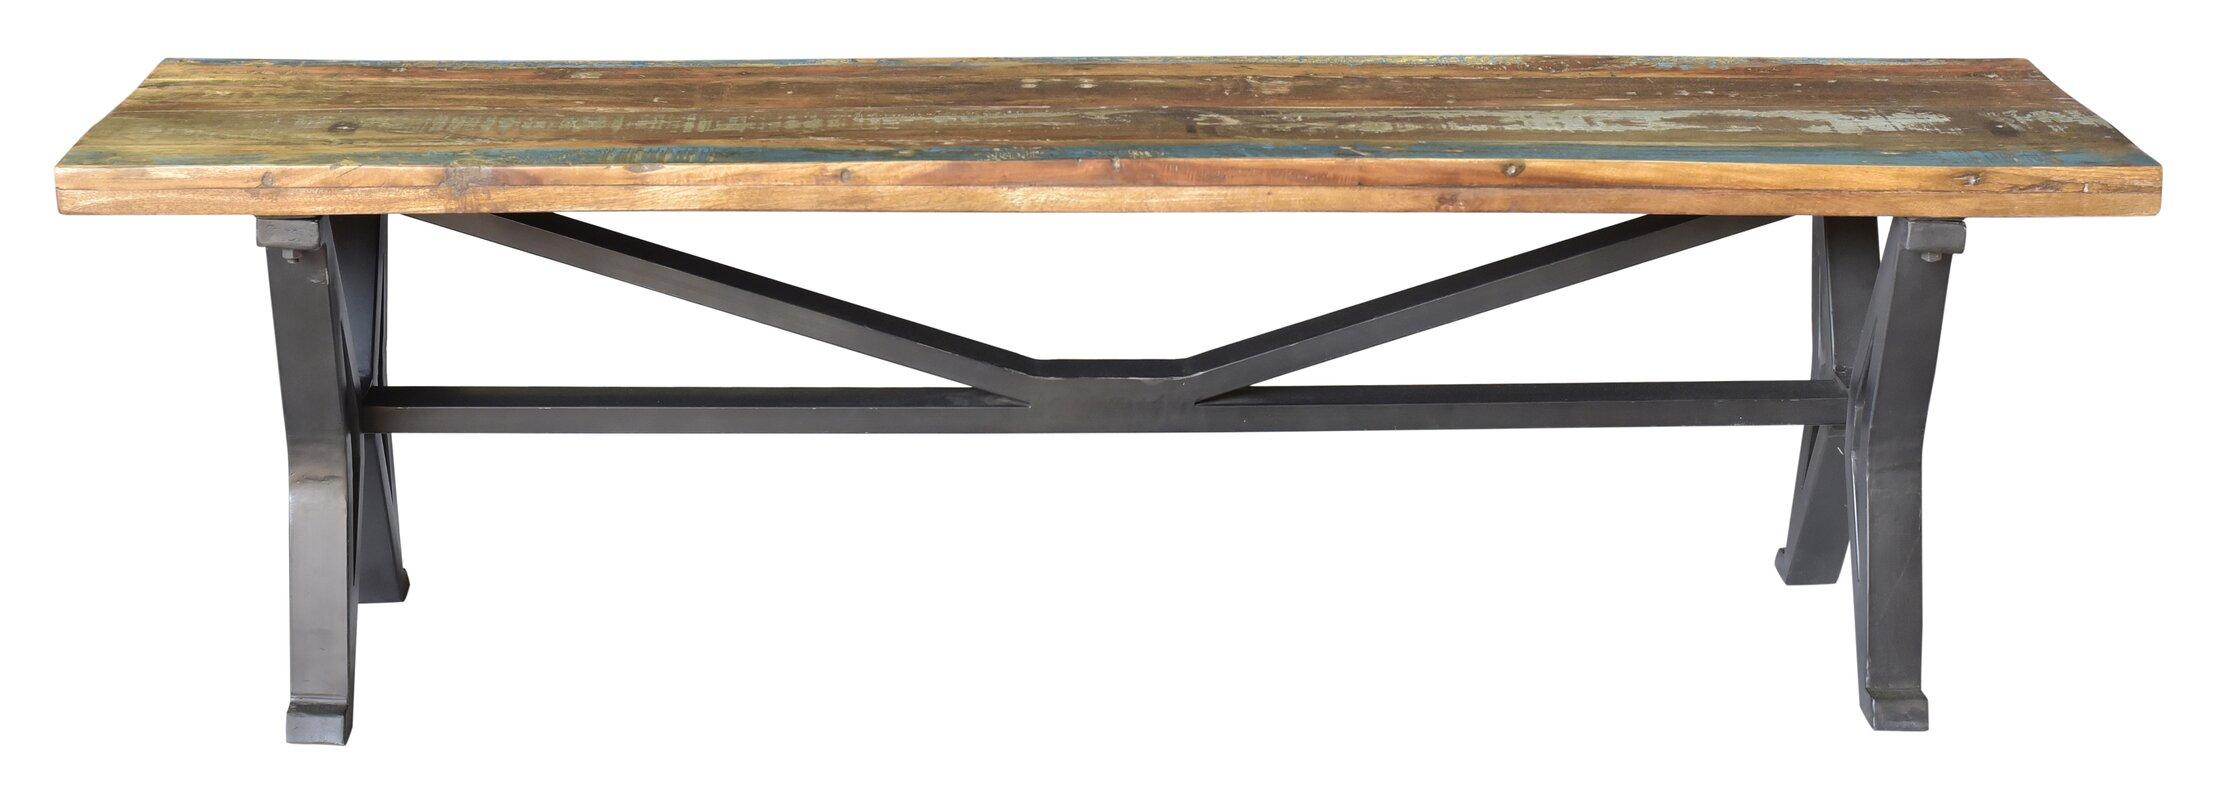 Minerva Colorado Old Top Wood Bench